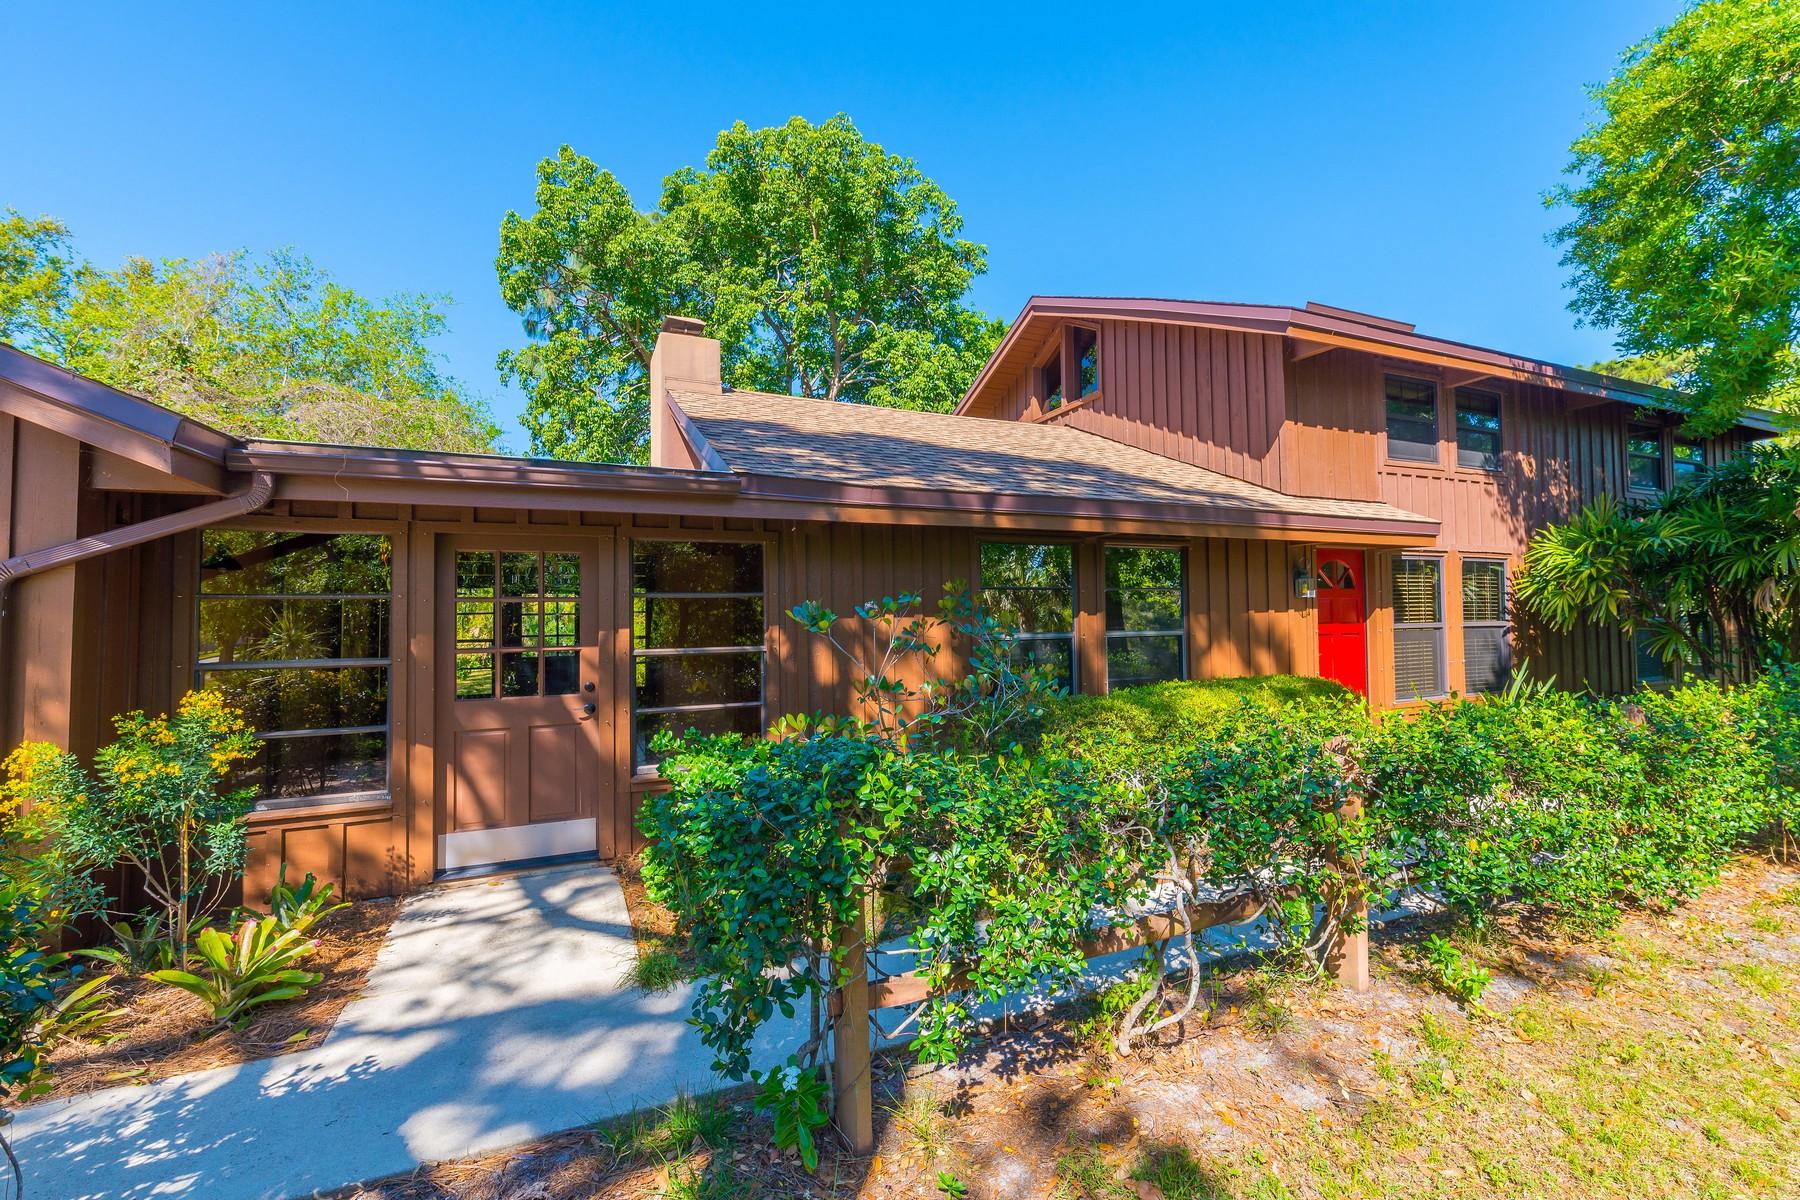 Μονοκατοικία για την Πώληση στο Lovely Lakefront Cedar Home 316 N Lakeside Drive Melbourne, Φλοριντα 32901 Ηνωμενεσ Πολιτειεσ